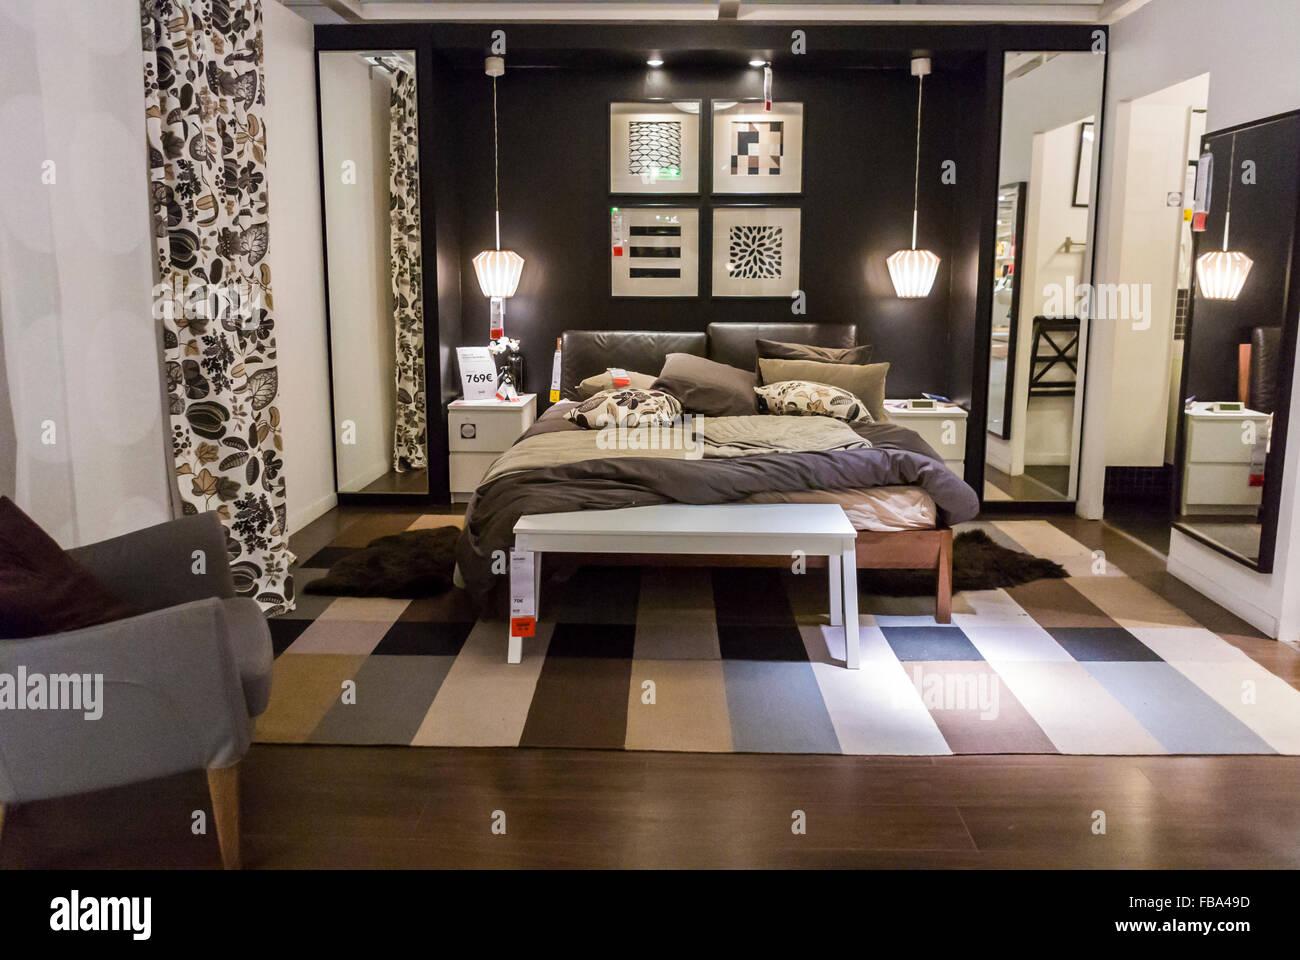 paris frankreich anzeige in modernen diy haushaltswaren. Black Bedroom Furniture Sets. Home Design Ideas